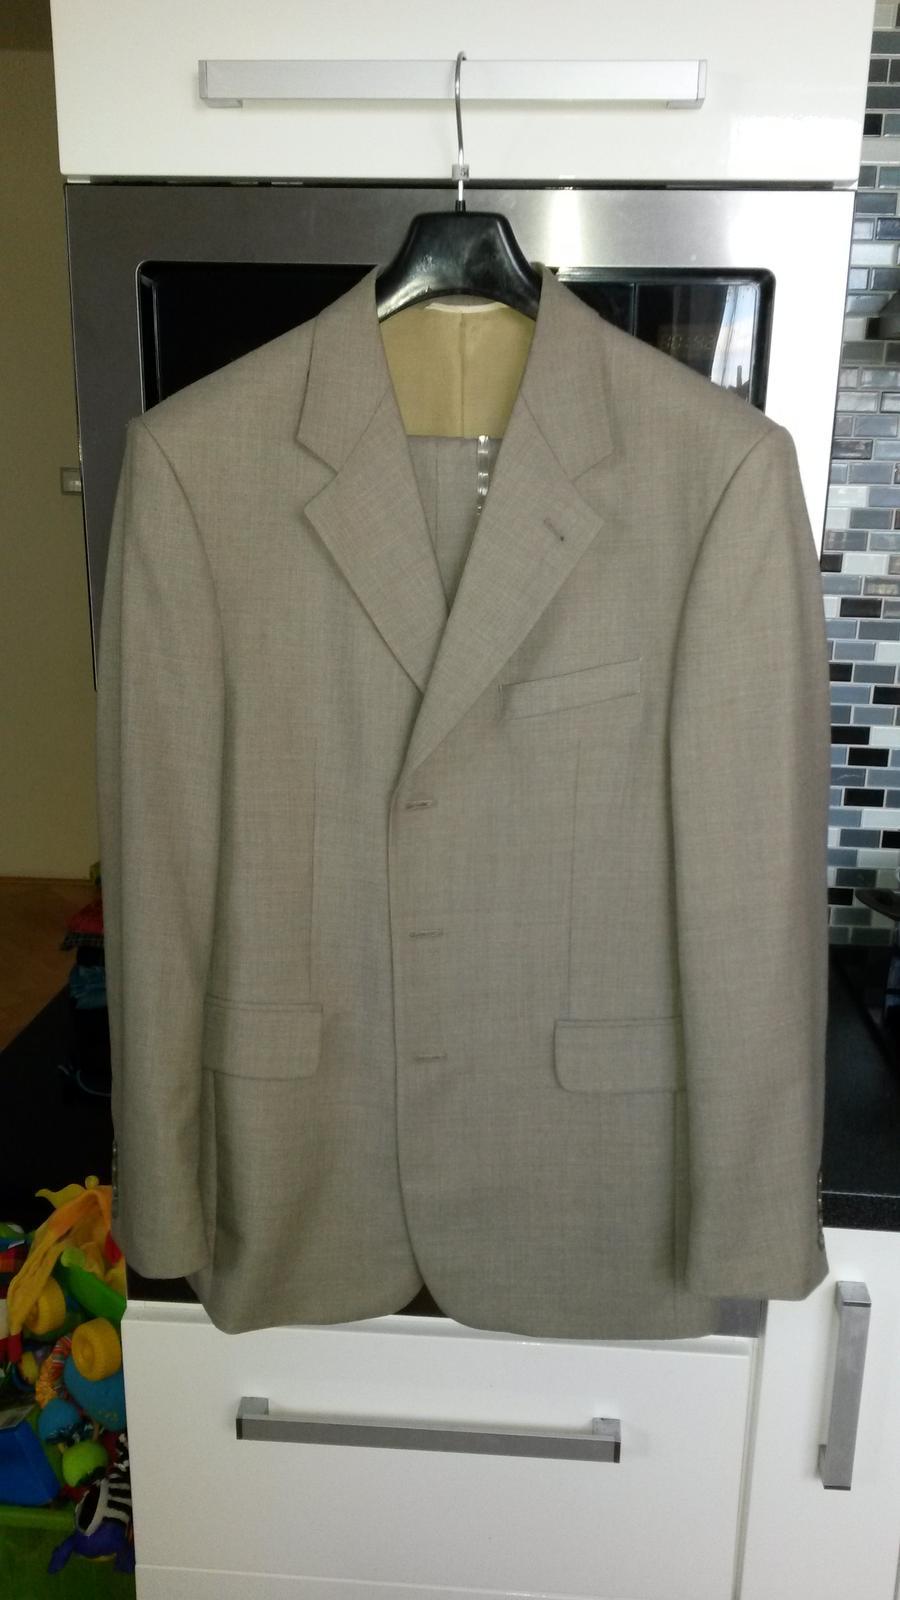 Pánský oblek - nepoužitý - Obrázek č. 1